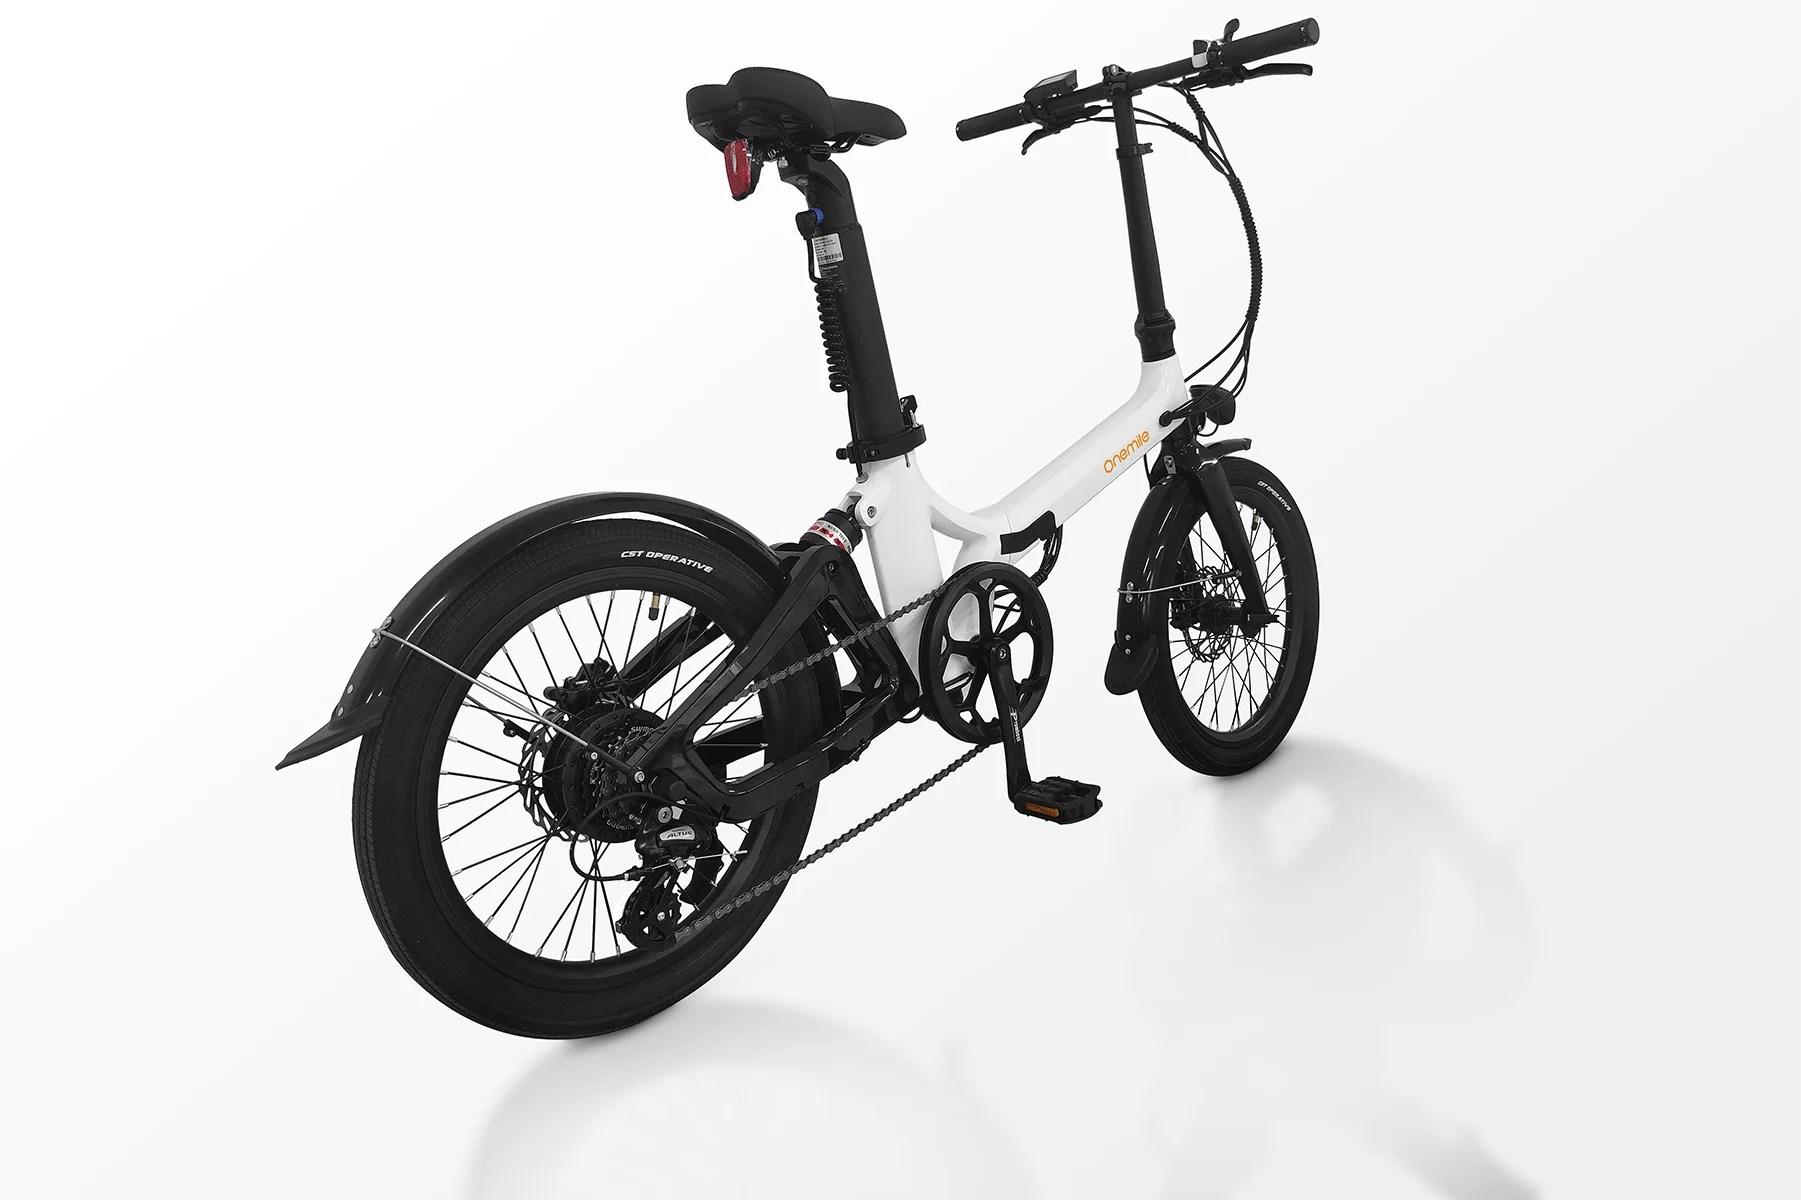 OneMile Nomad, ce vélo électrique pliant qui promet jusqu'à 100 km d'autonomie